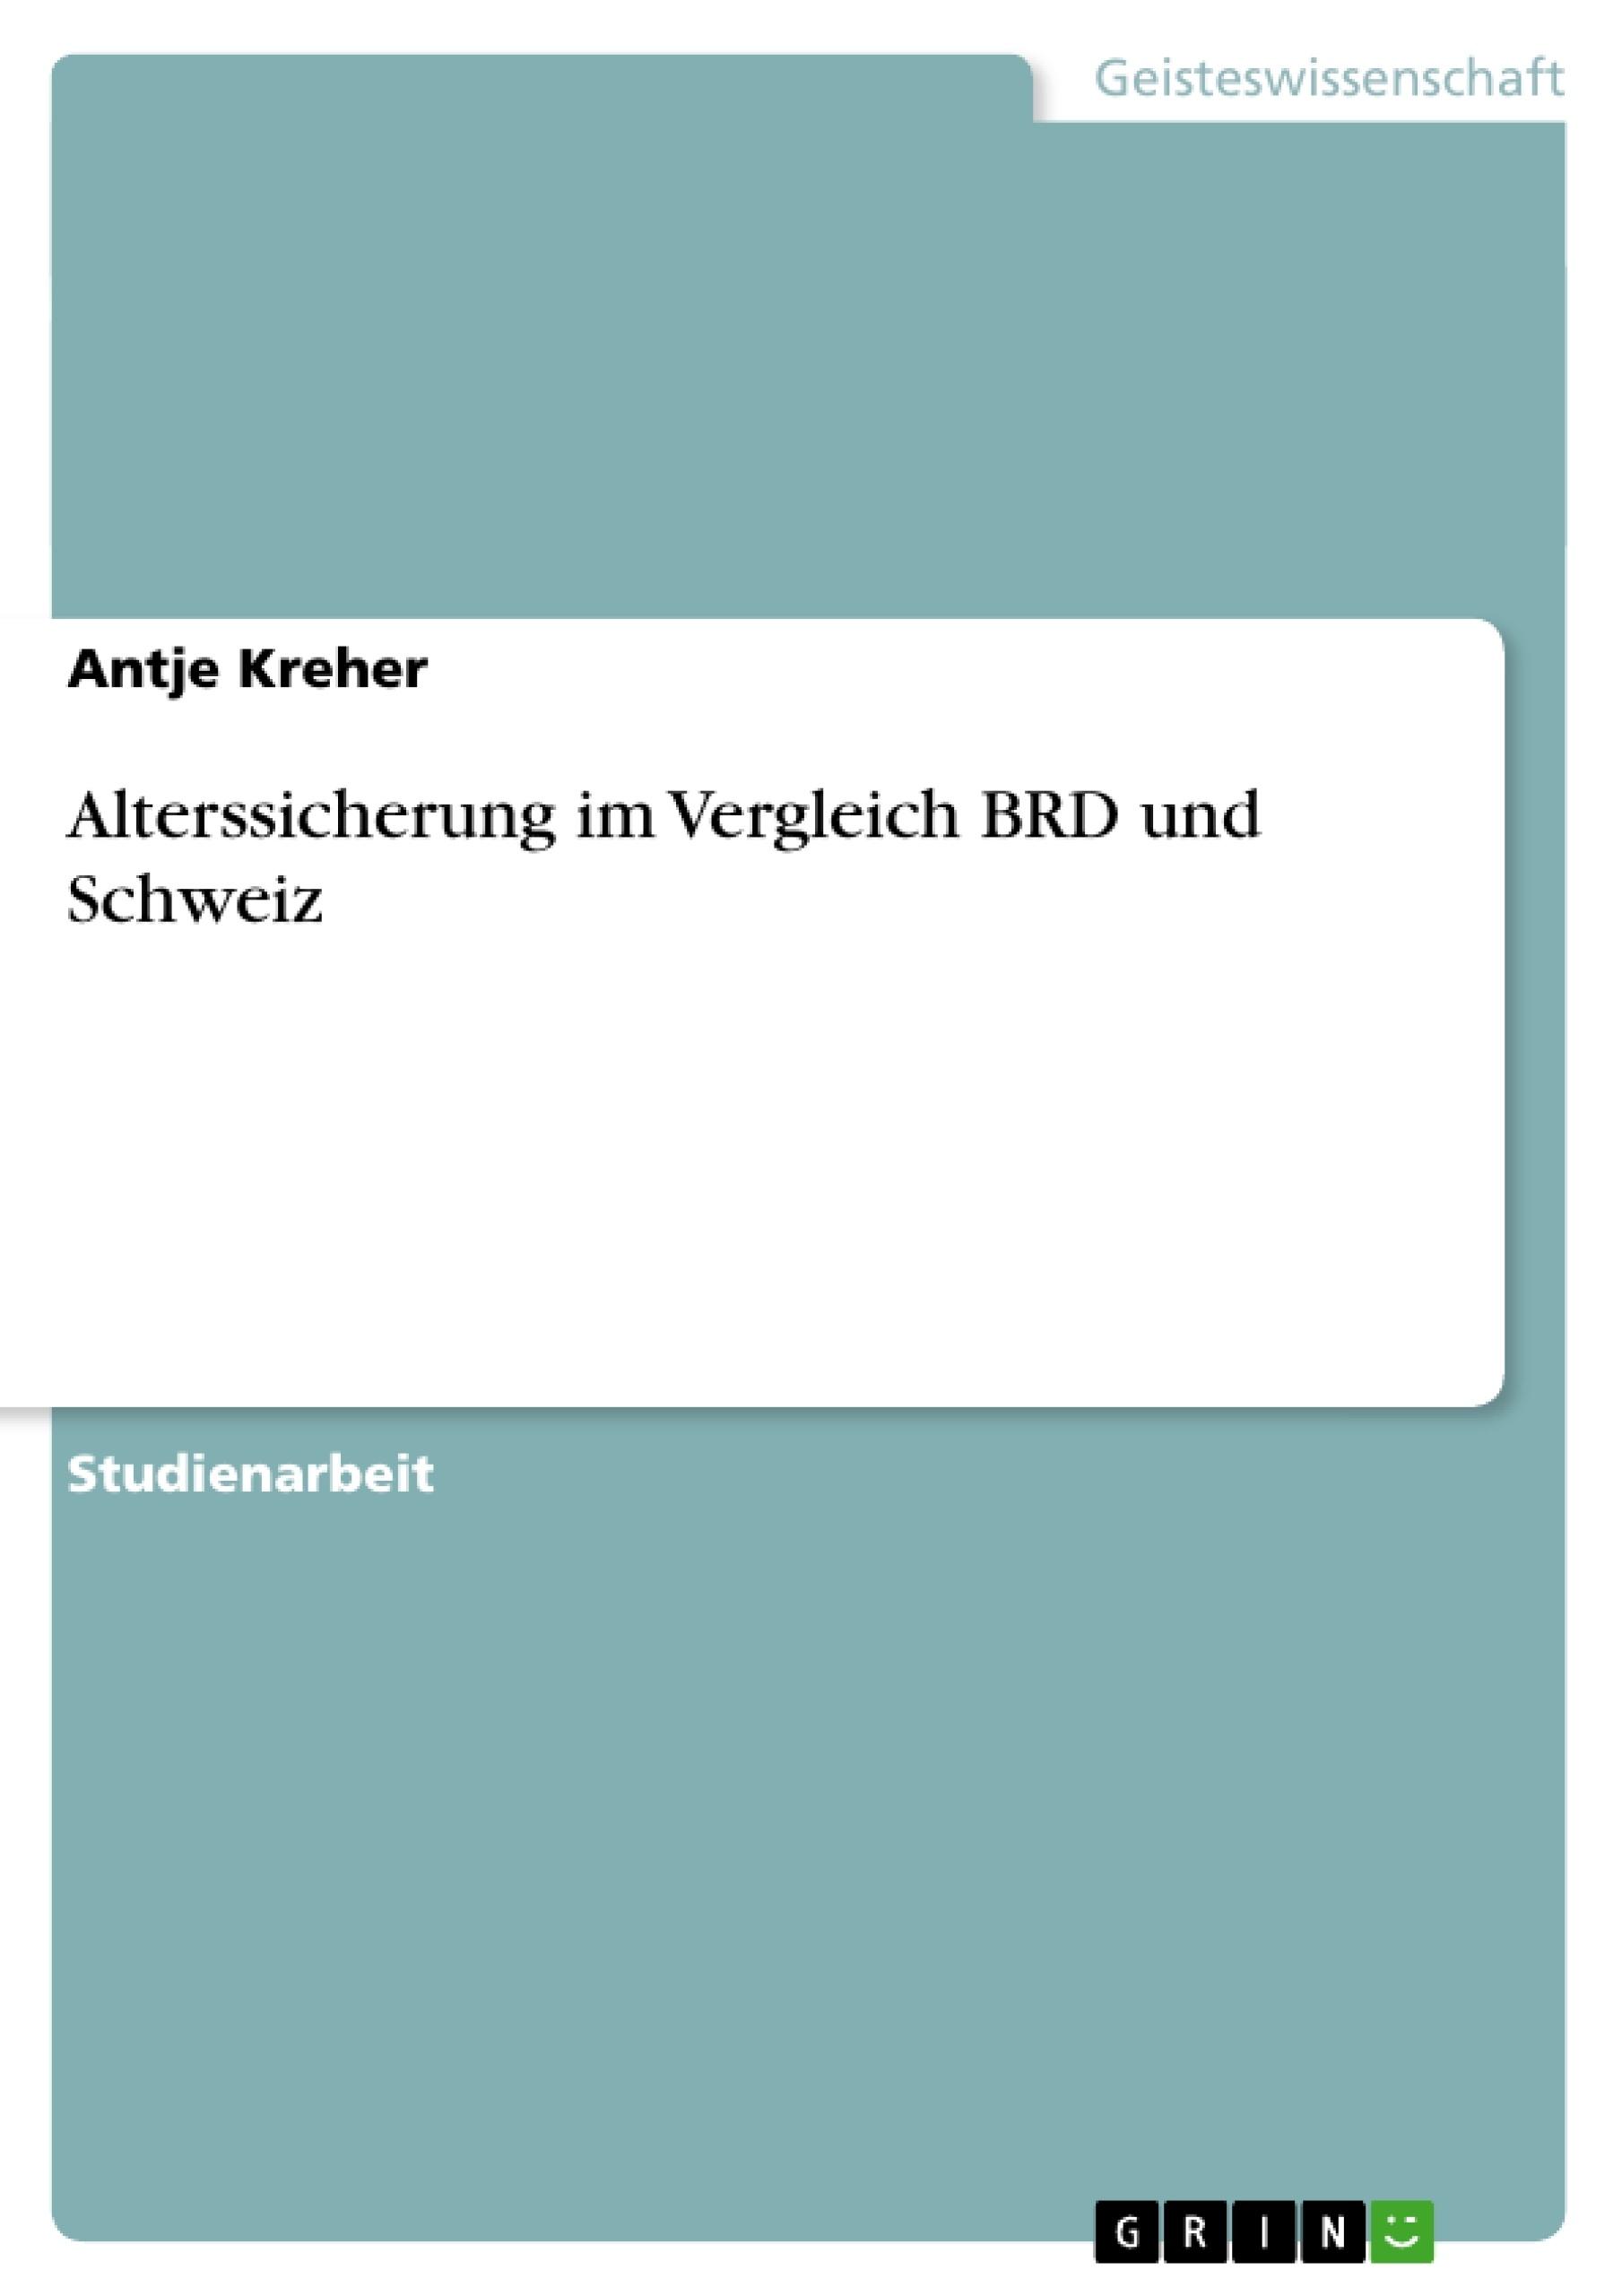 Titel: Alterssicherung im Vergleich BRD und Schweiz